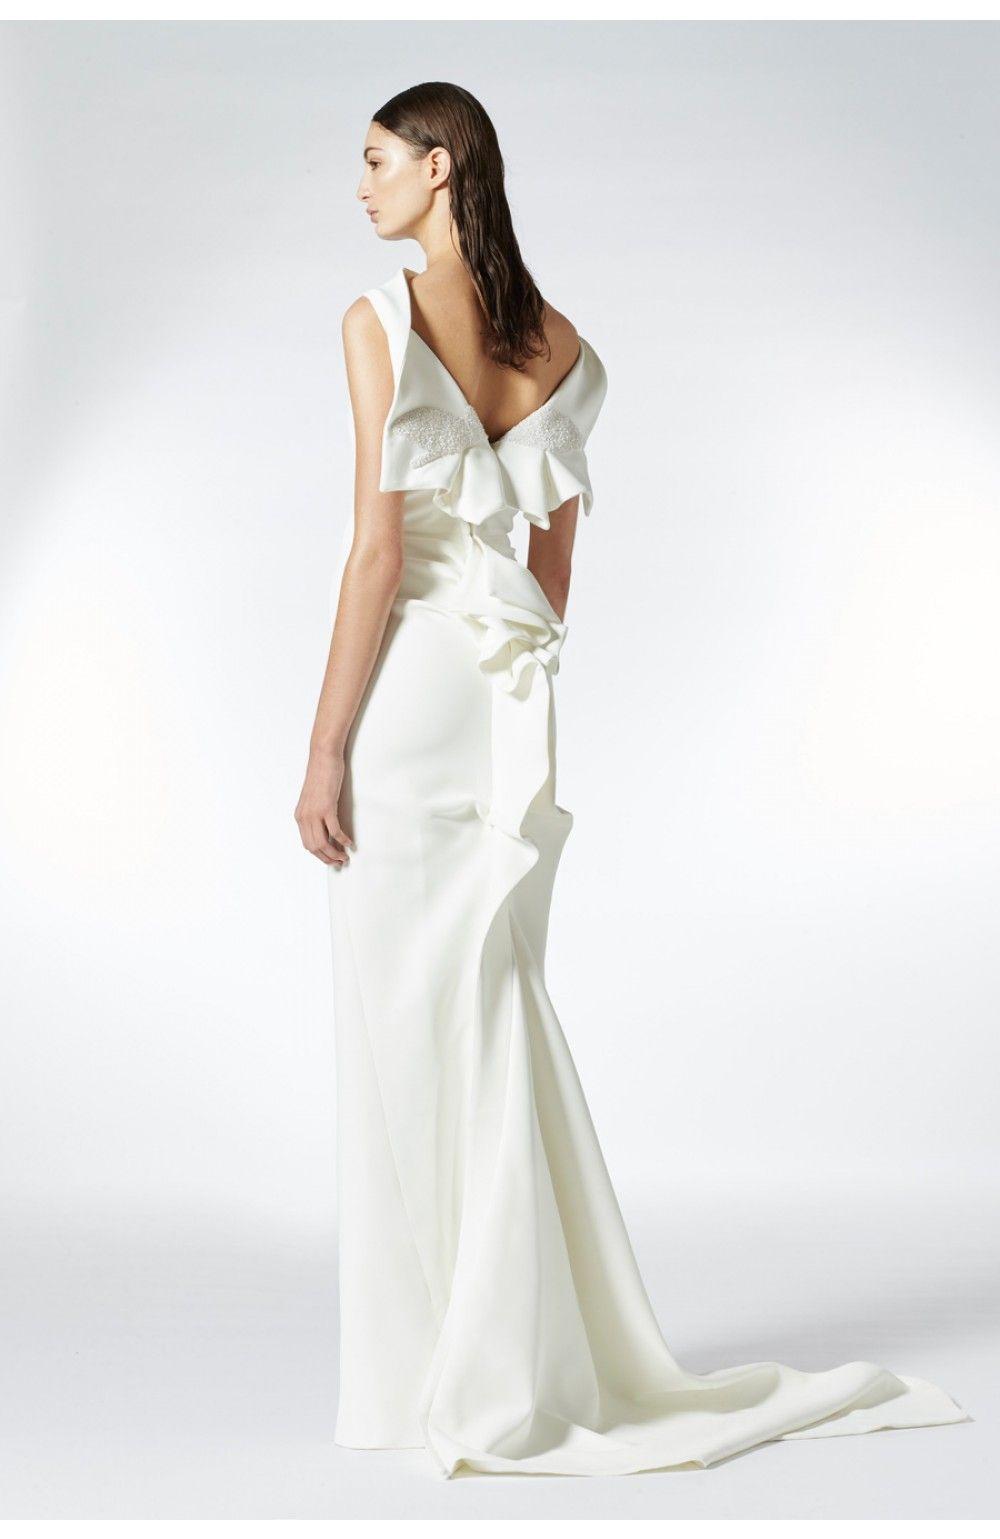 Magical Gown | Maticevski Bridal | tonimaticevski.com